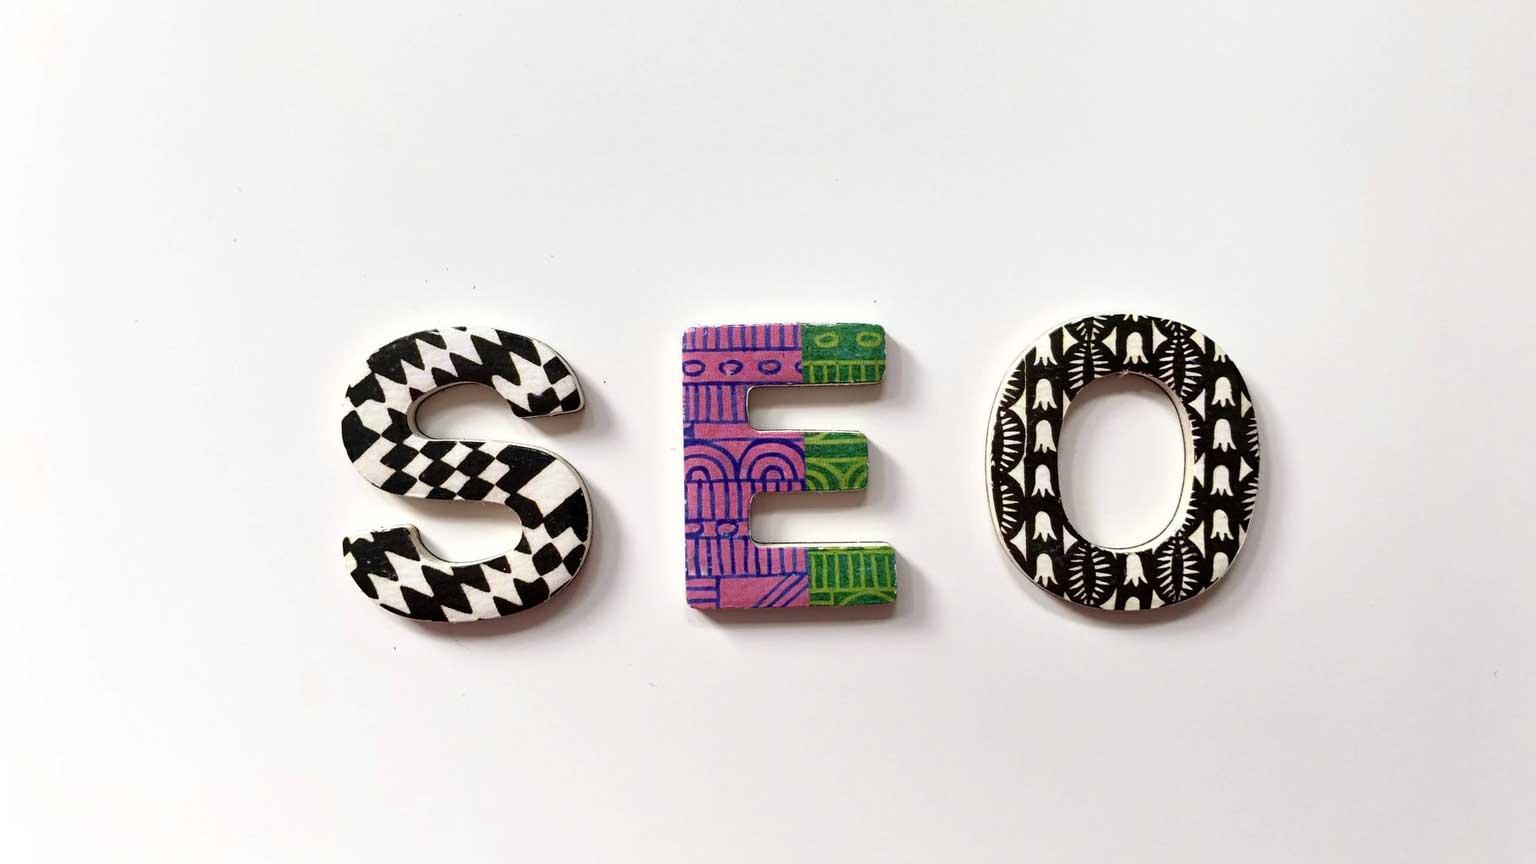 """Stilisierte Buchstaben, die das Wort """"SEO"""" auf einem weißen Hintergrund ergeben."""